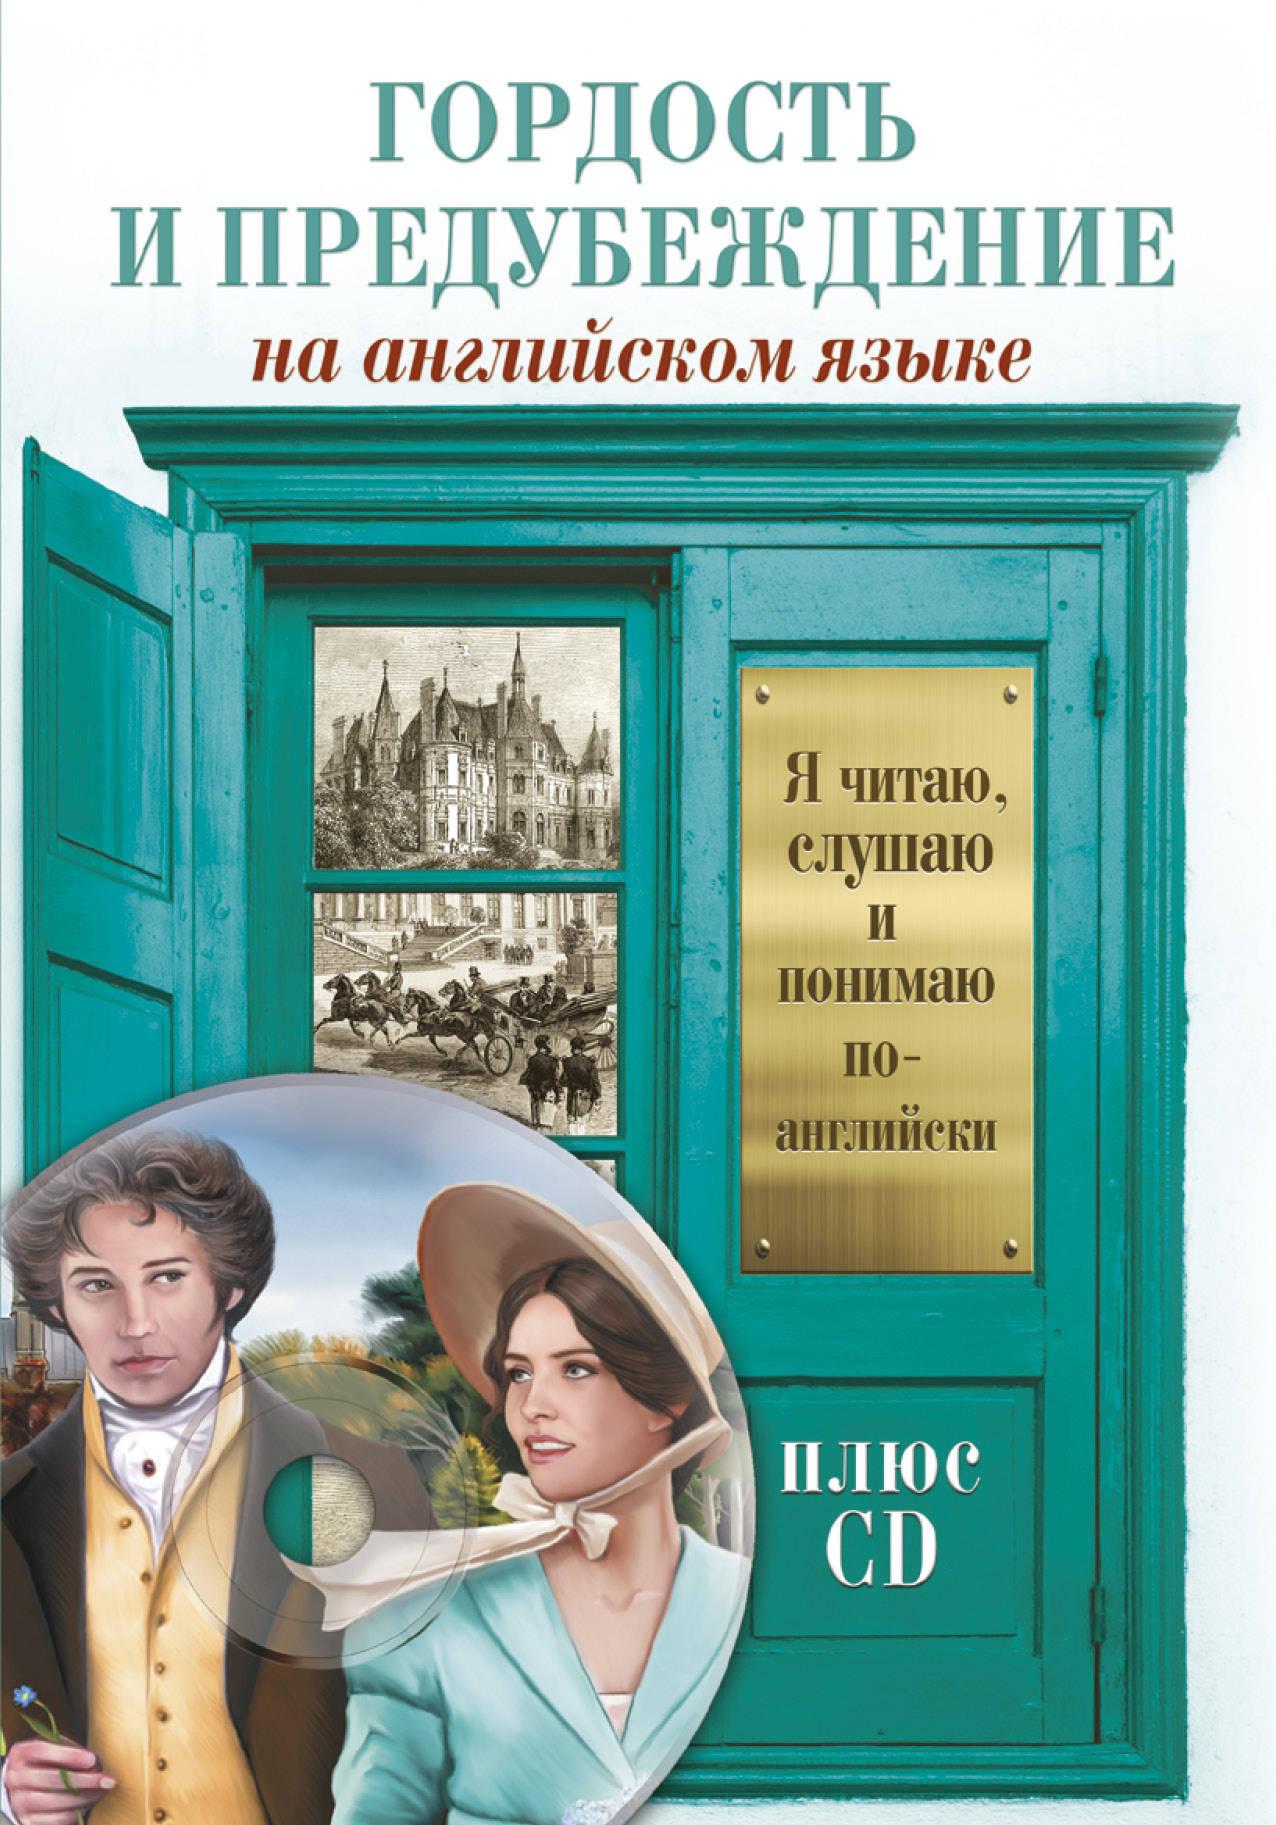 Джейн Остин Гордость и предубеждение (+CD) я читаю и понимаю текст мальцева и clever